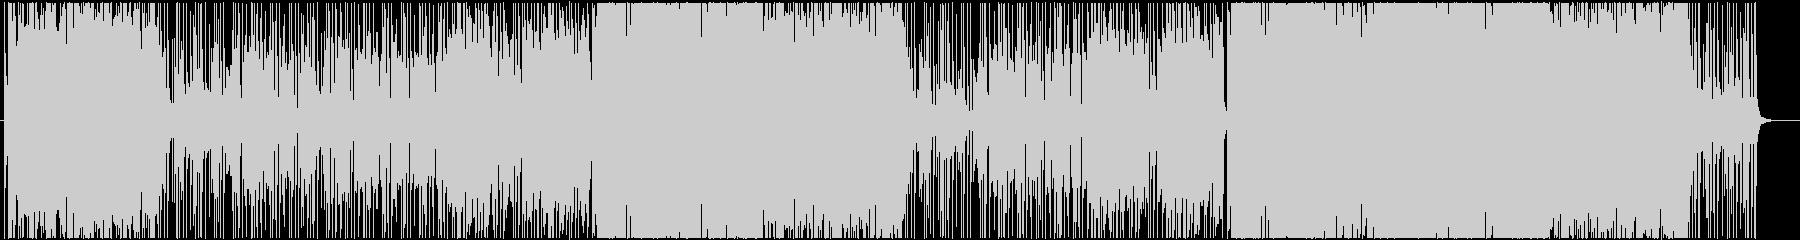 フローズン・ウィンターの未再生の波形